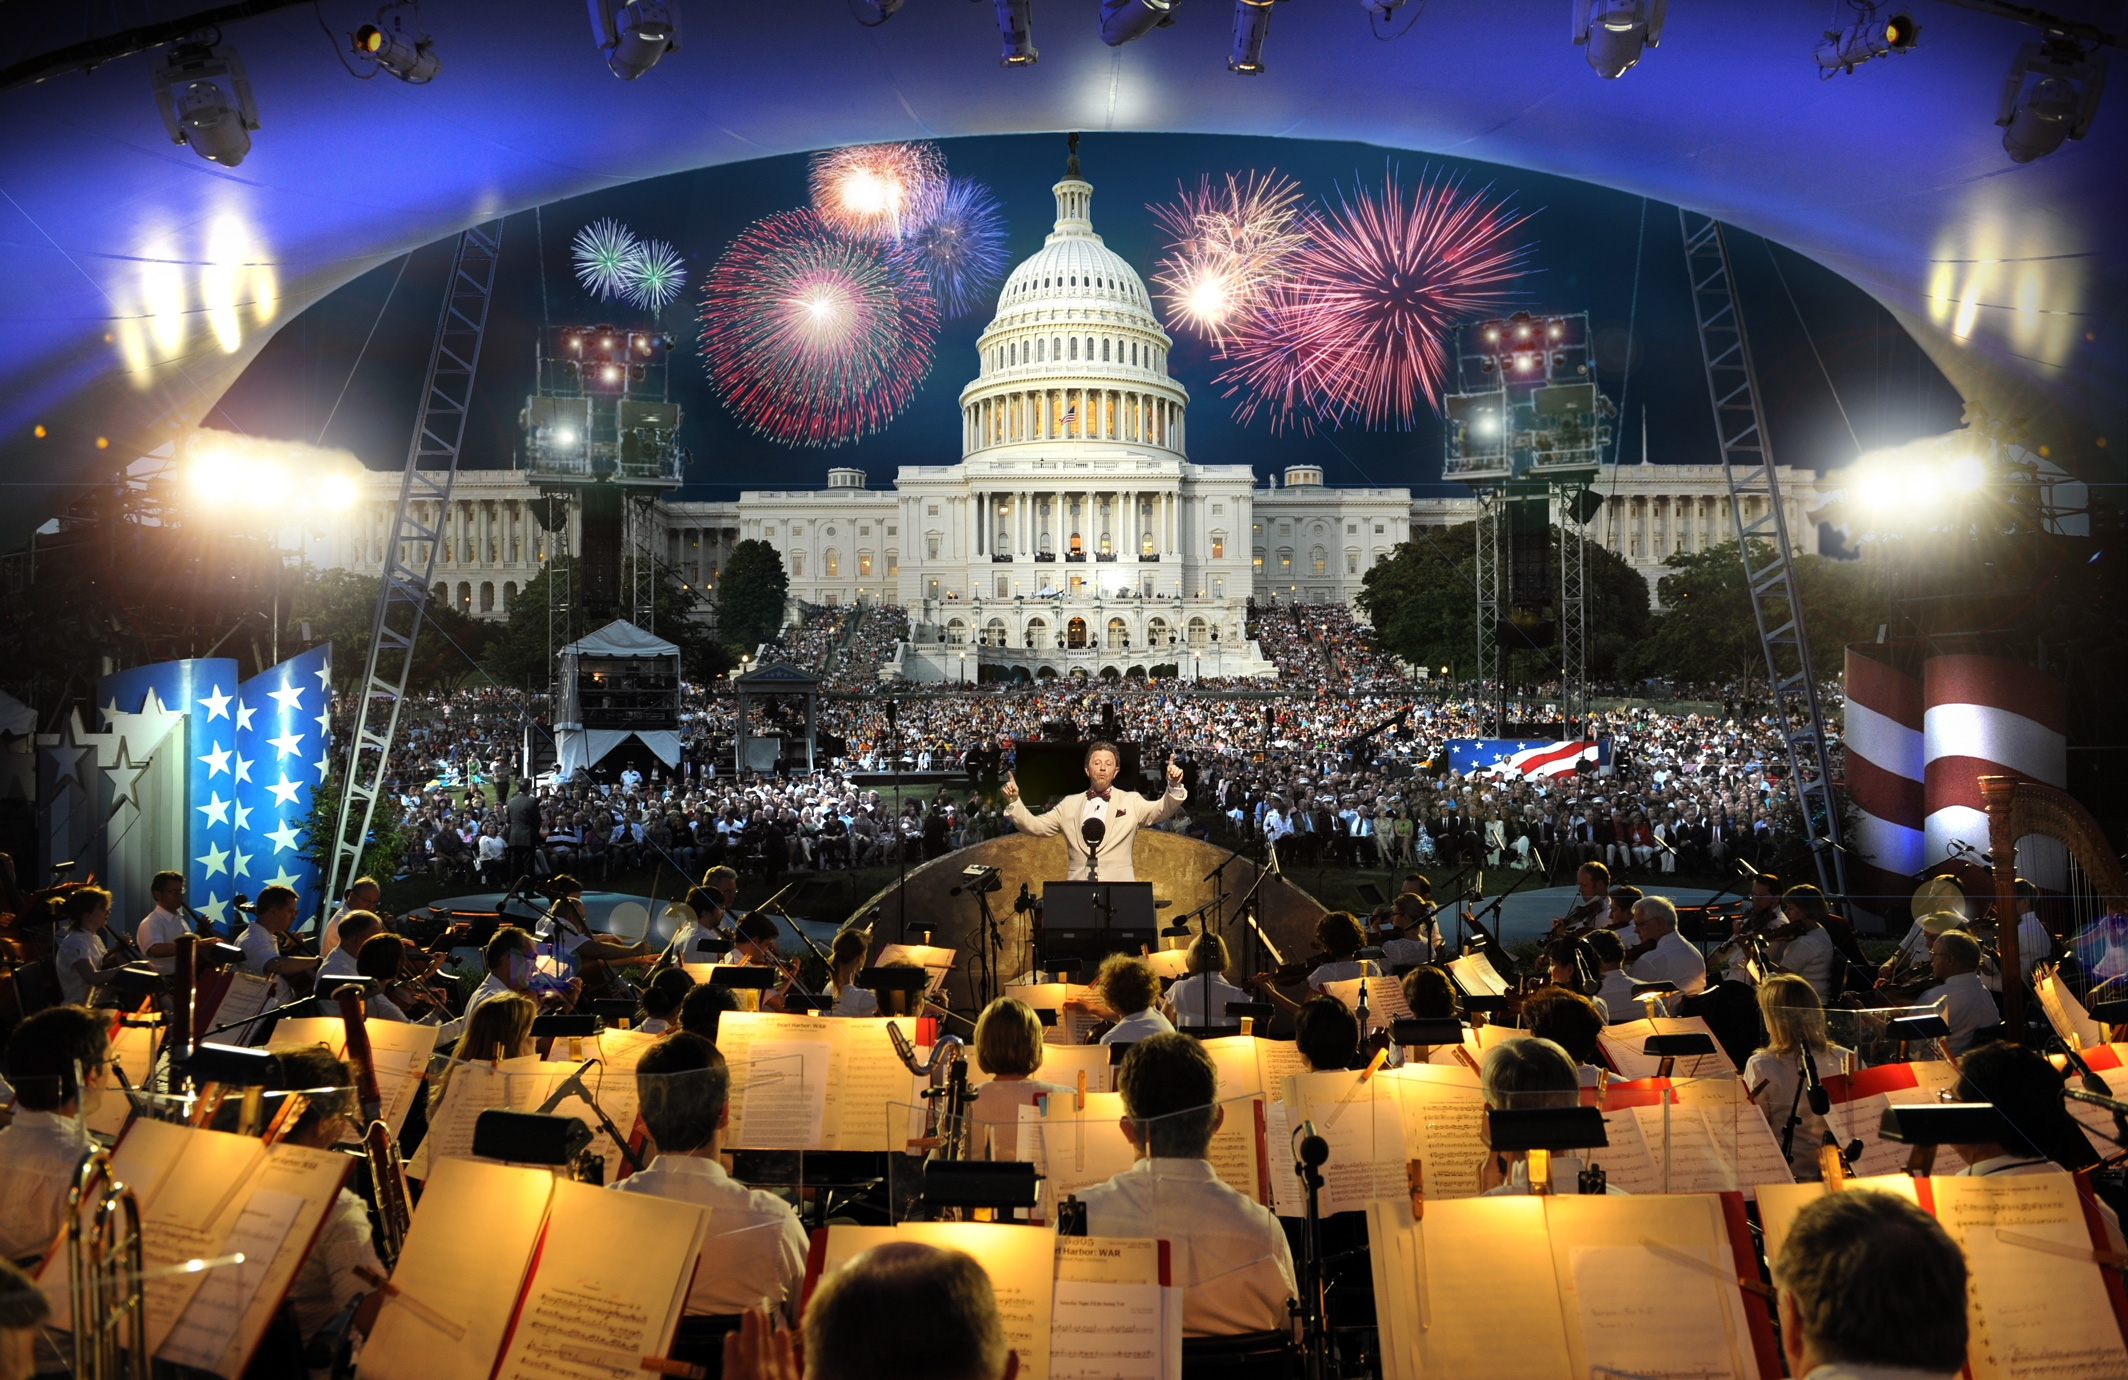 Image - concert-fireworks-jack.JPG